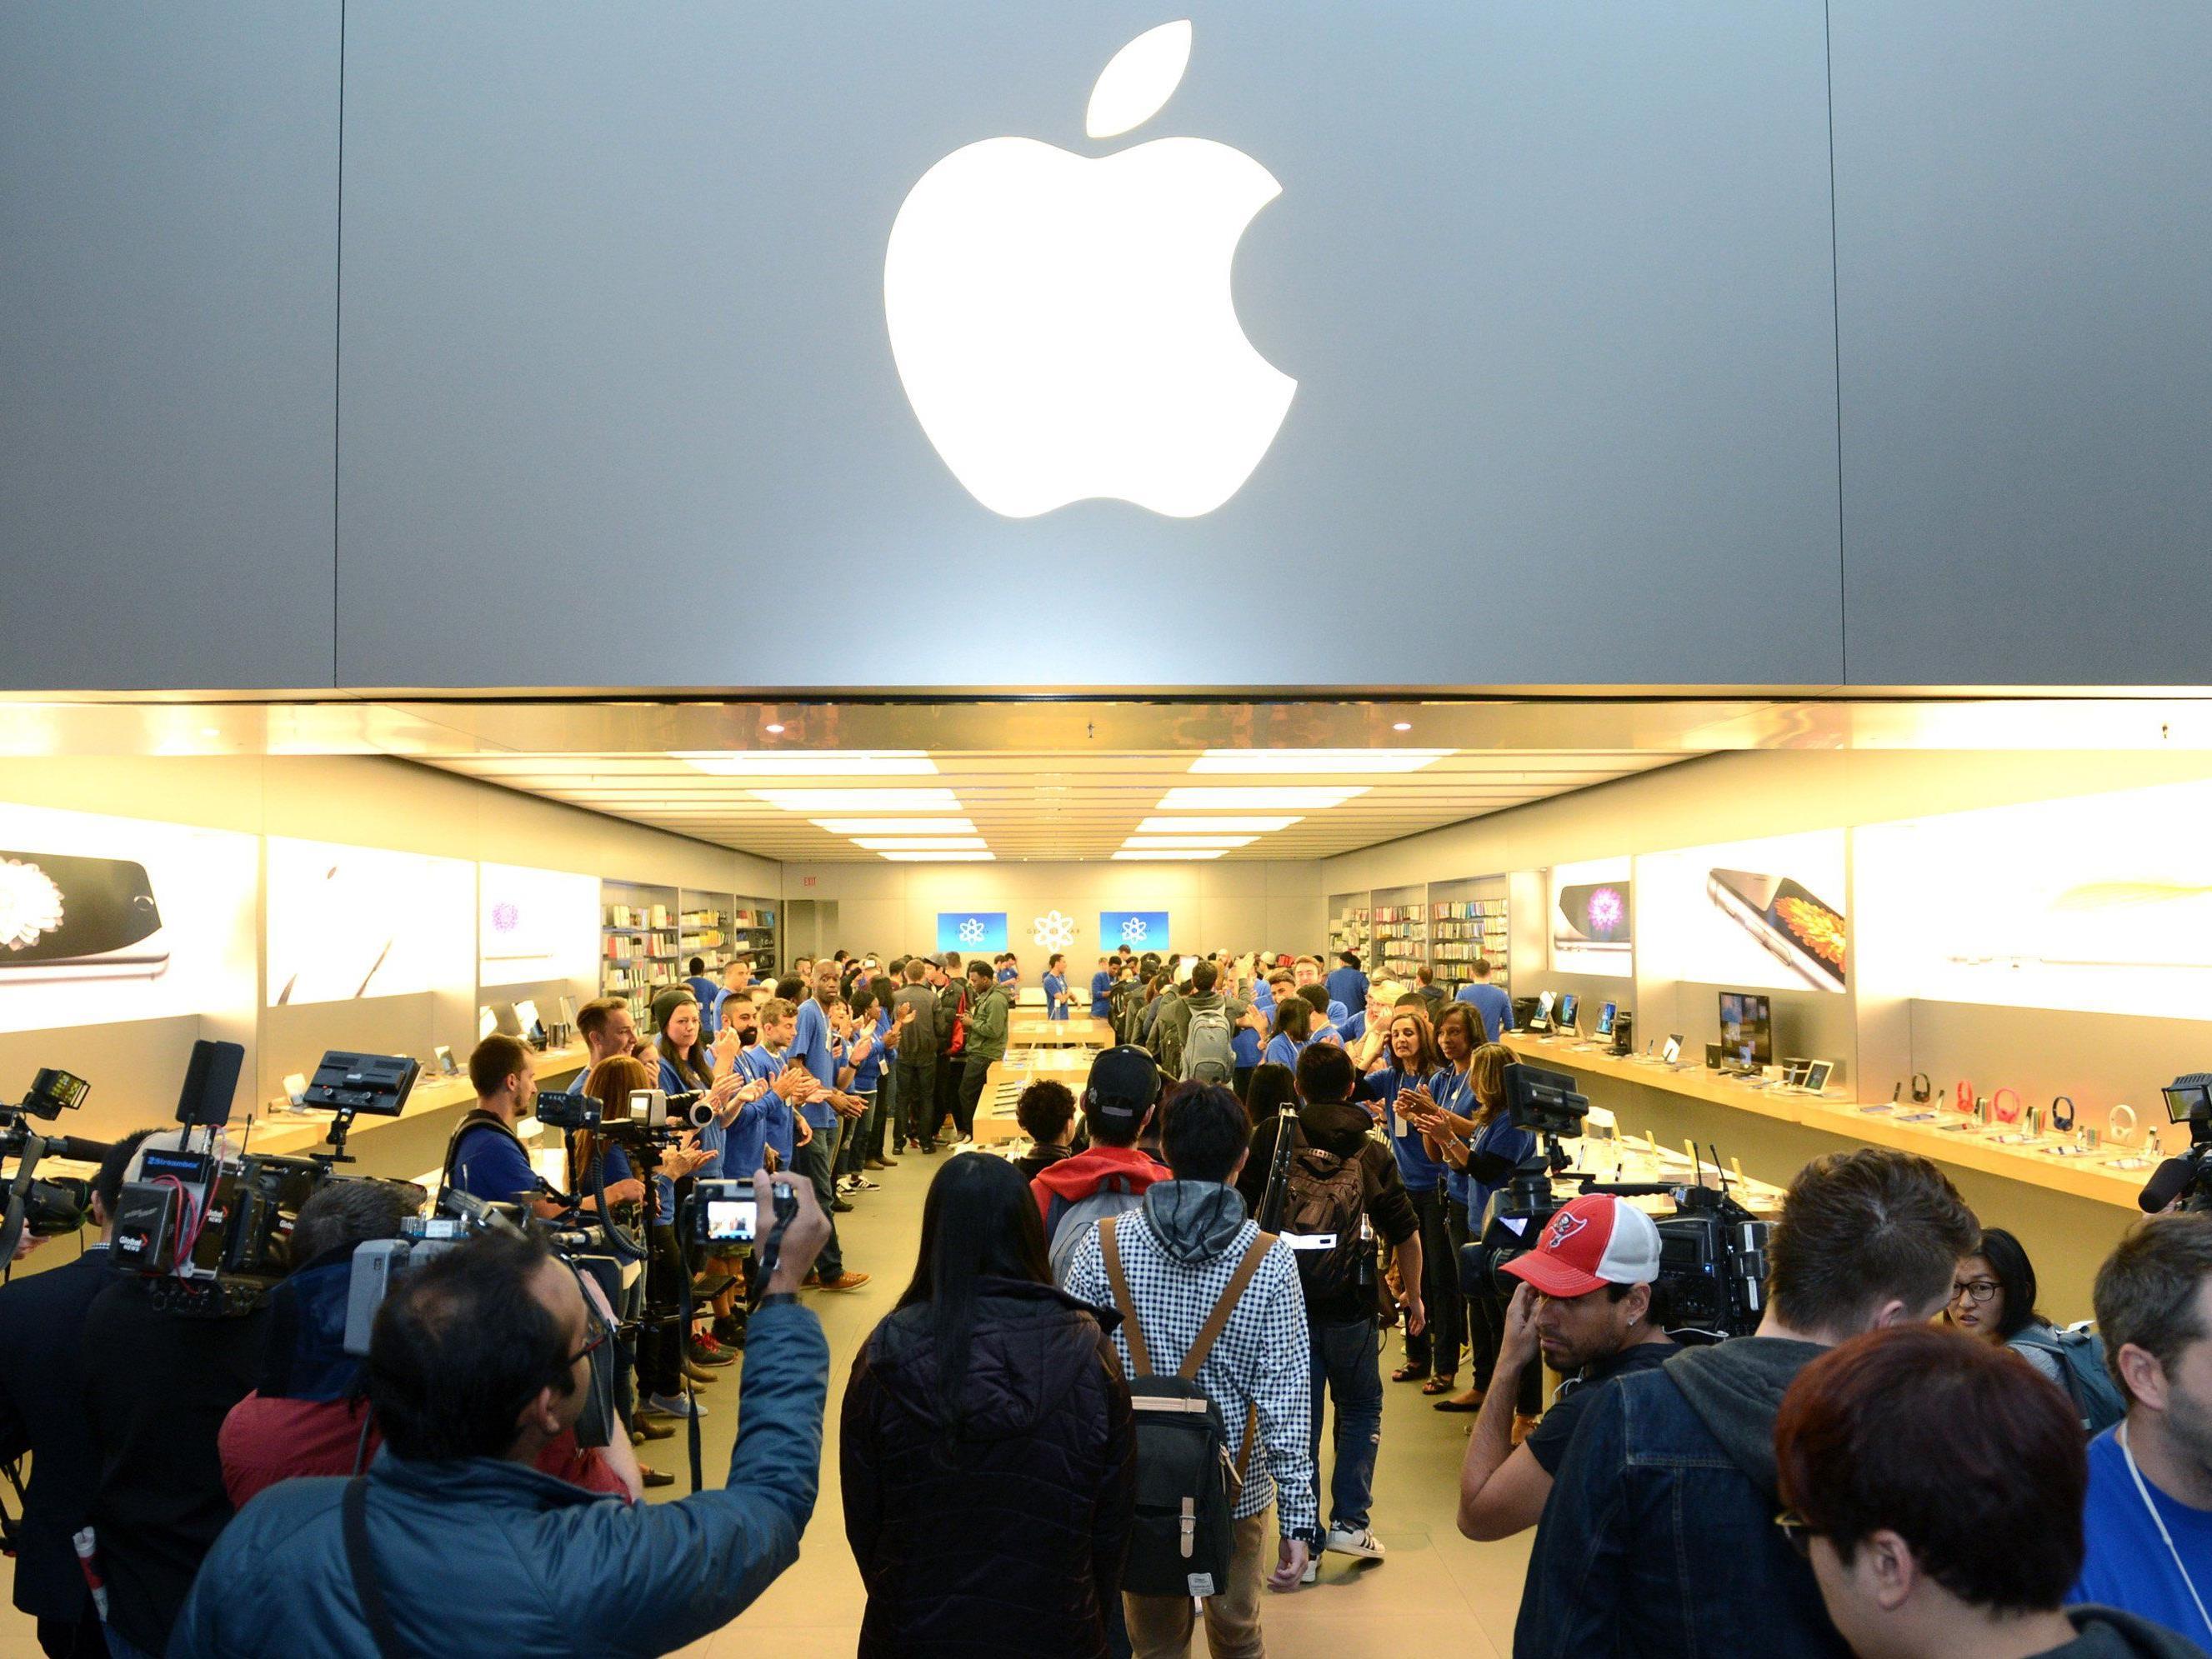 Irland prüft jetzt Steuervergünstigungen von Apple